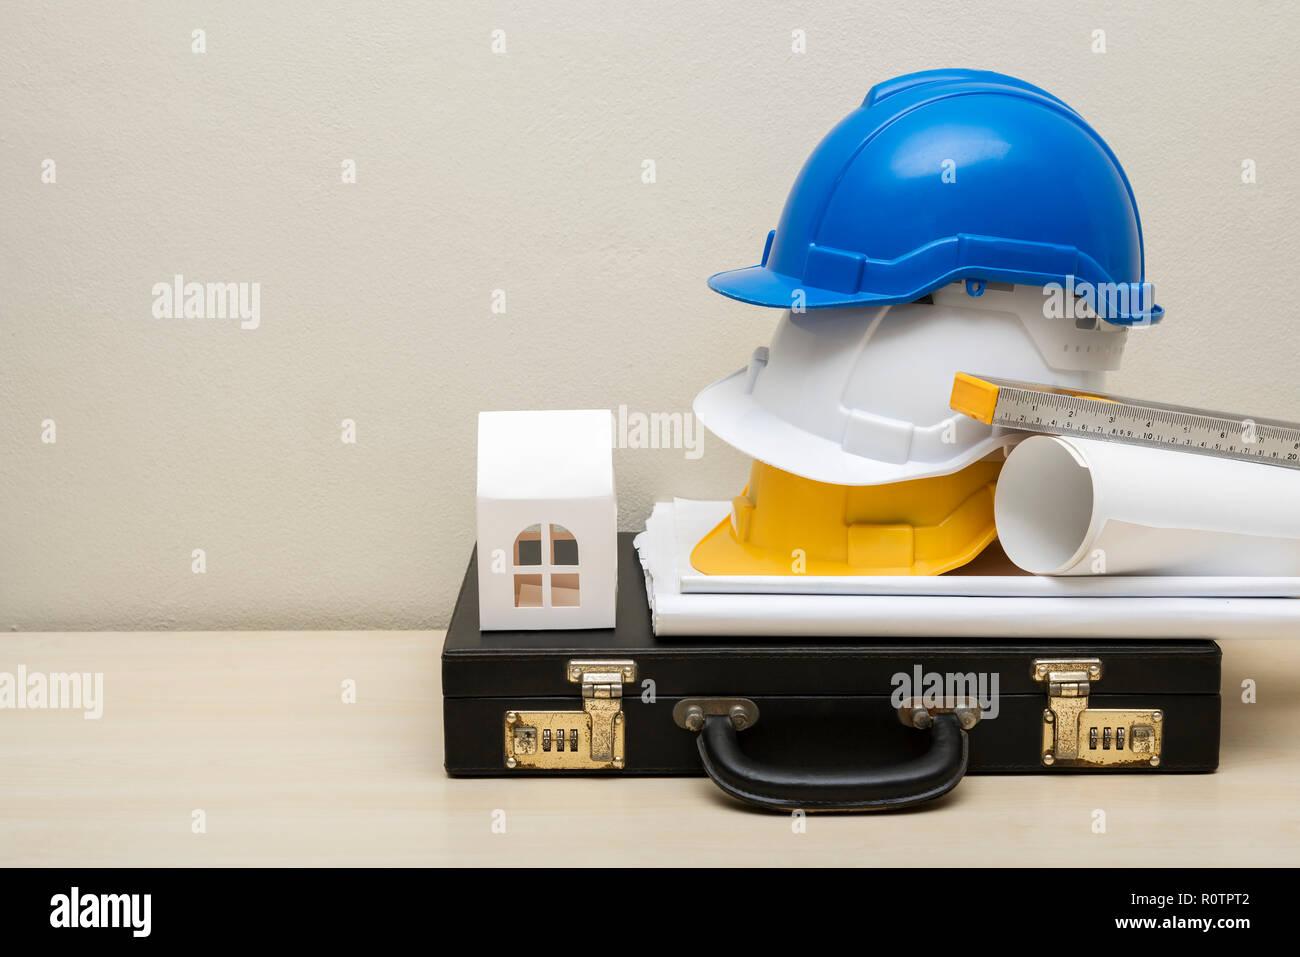 Engineering Zubehör, Helme, Haus Papier Modell, Business Tasche, Blaupause, auf Holz Tisch mit weißer Beton Wand Hintergrund. Bild zum Text hinzufügen Stockbild